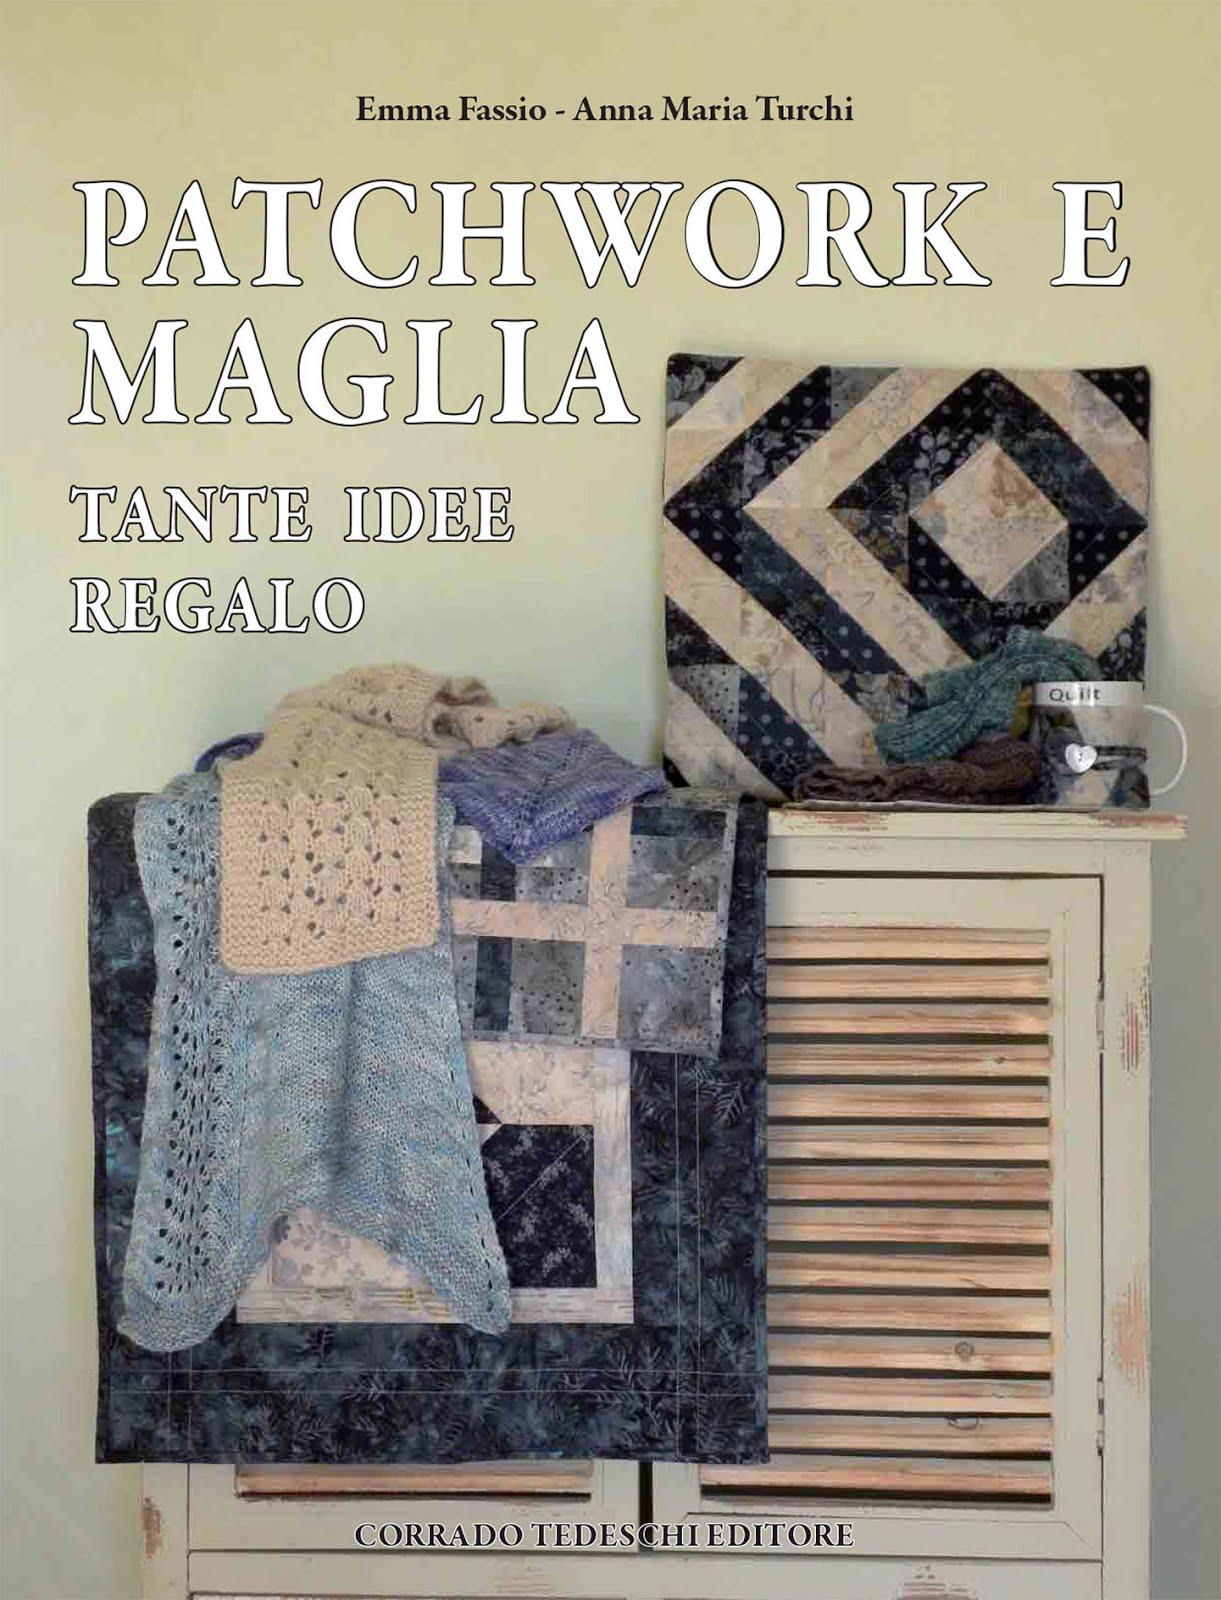 Patchwork & Maglia Tante Idee Regalo